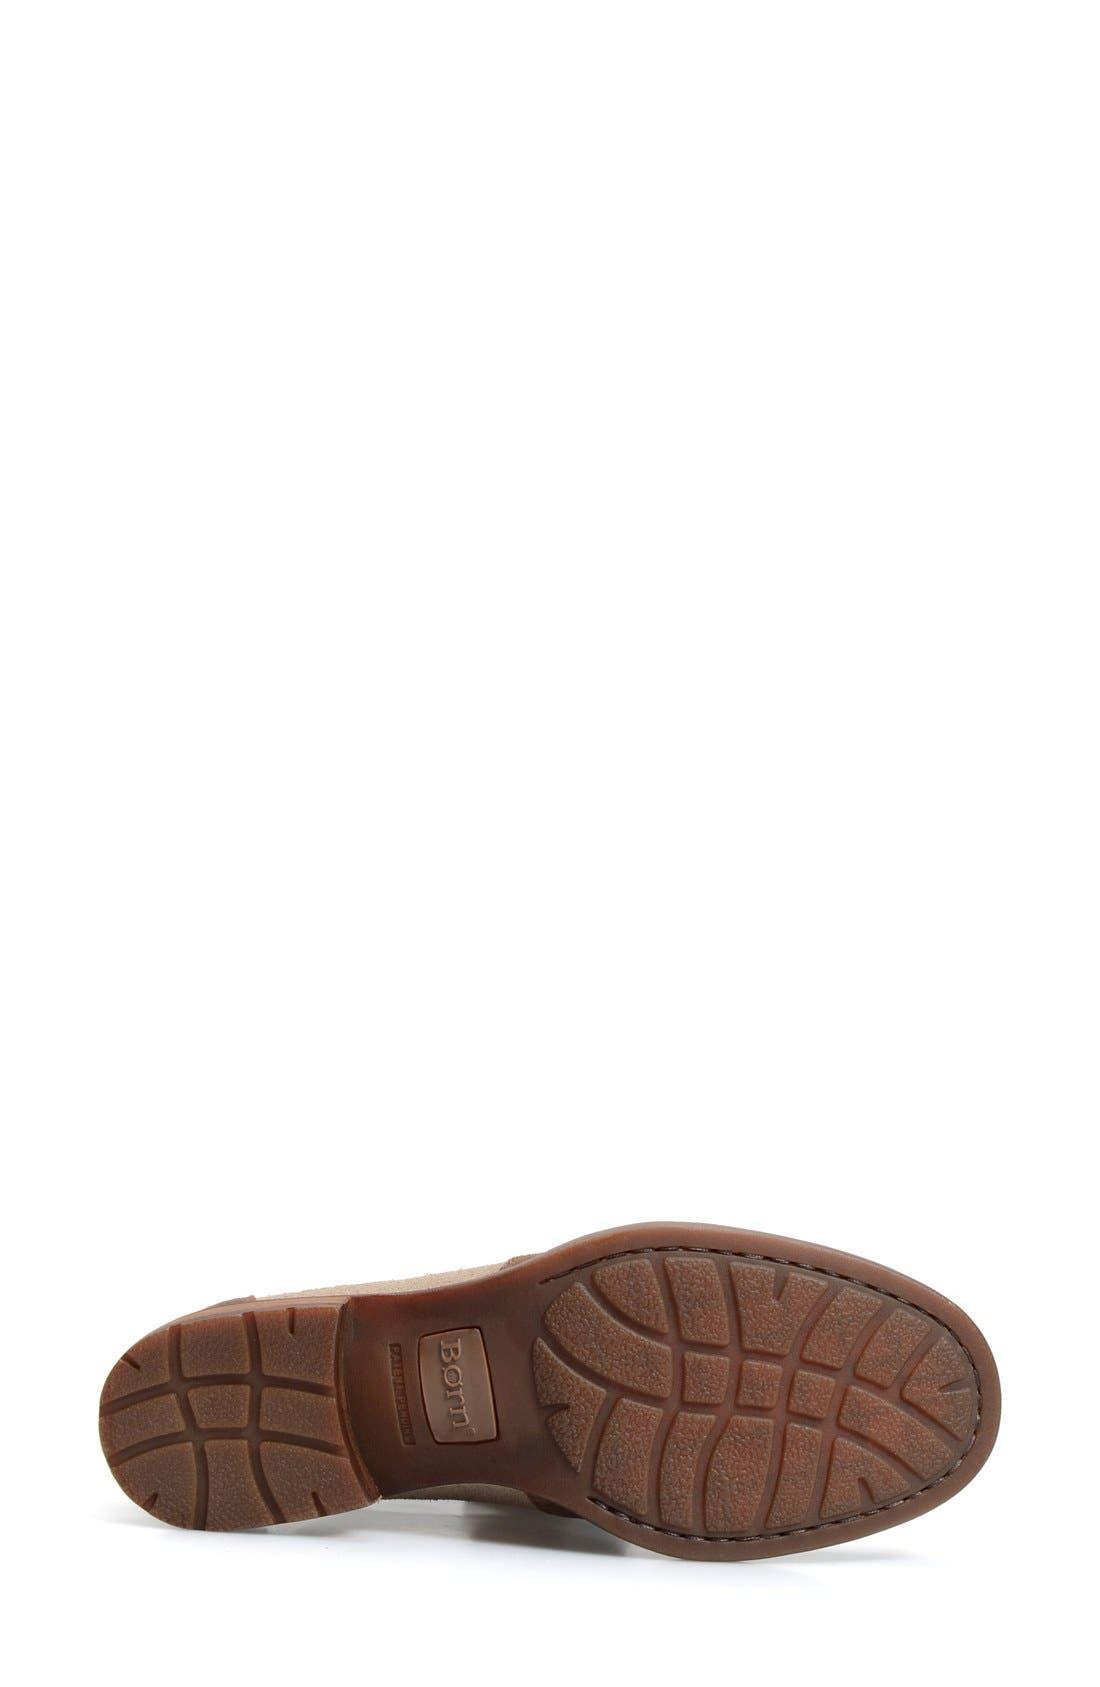 'Posh' Cutout Bootie,                             Alternate thumbnail 4, color,                             Brown/ Castoro Leather